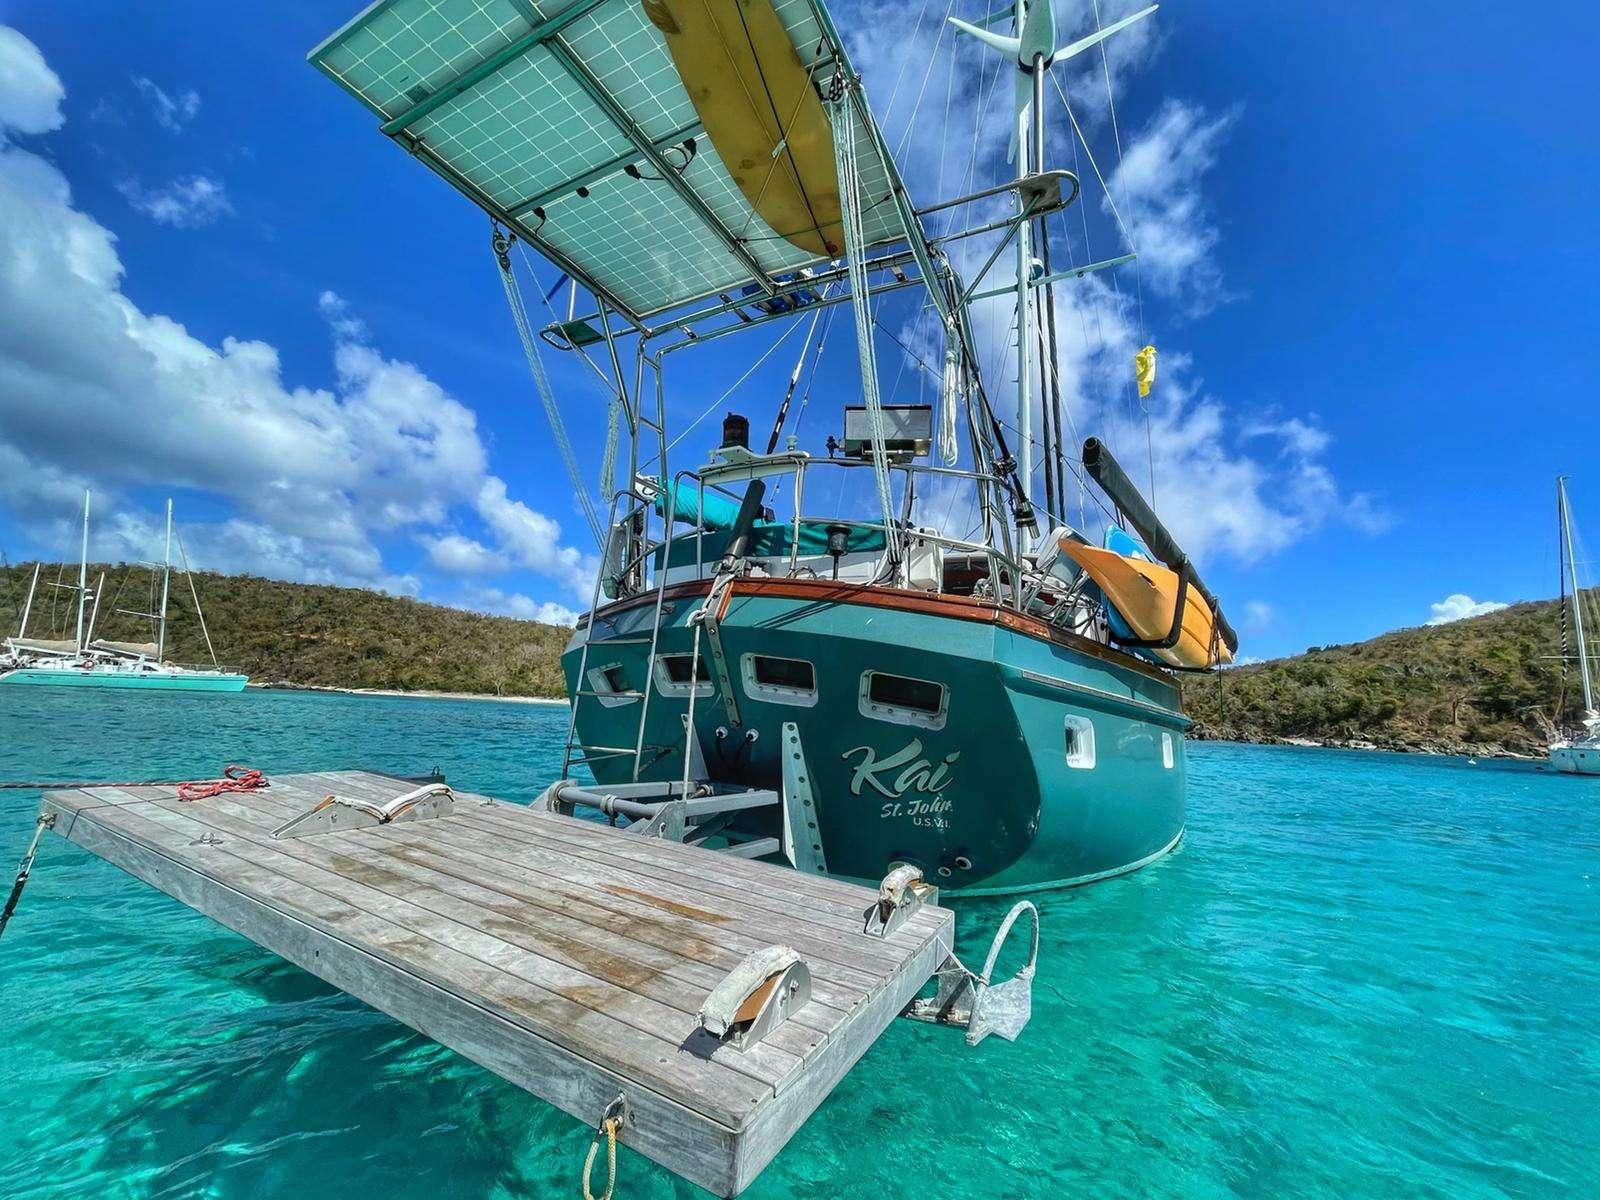 KAI yacht image # 10